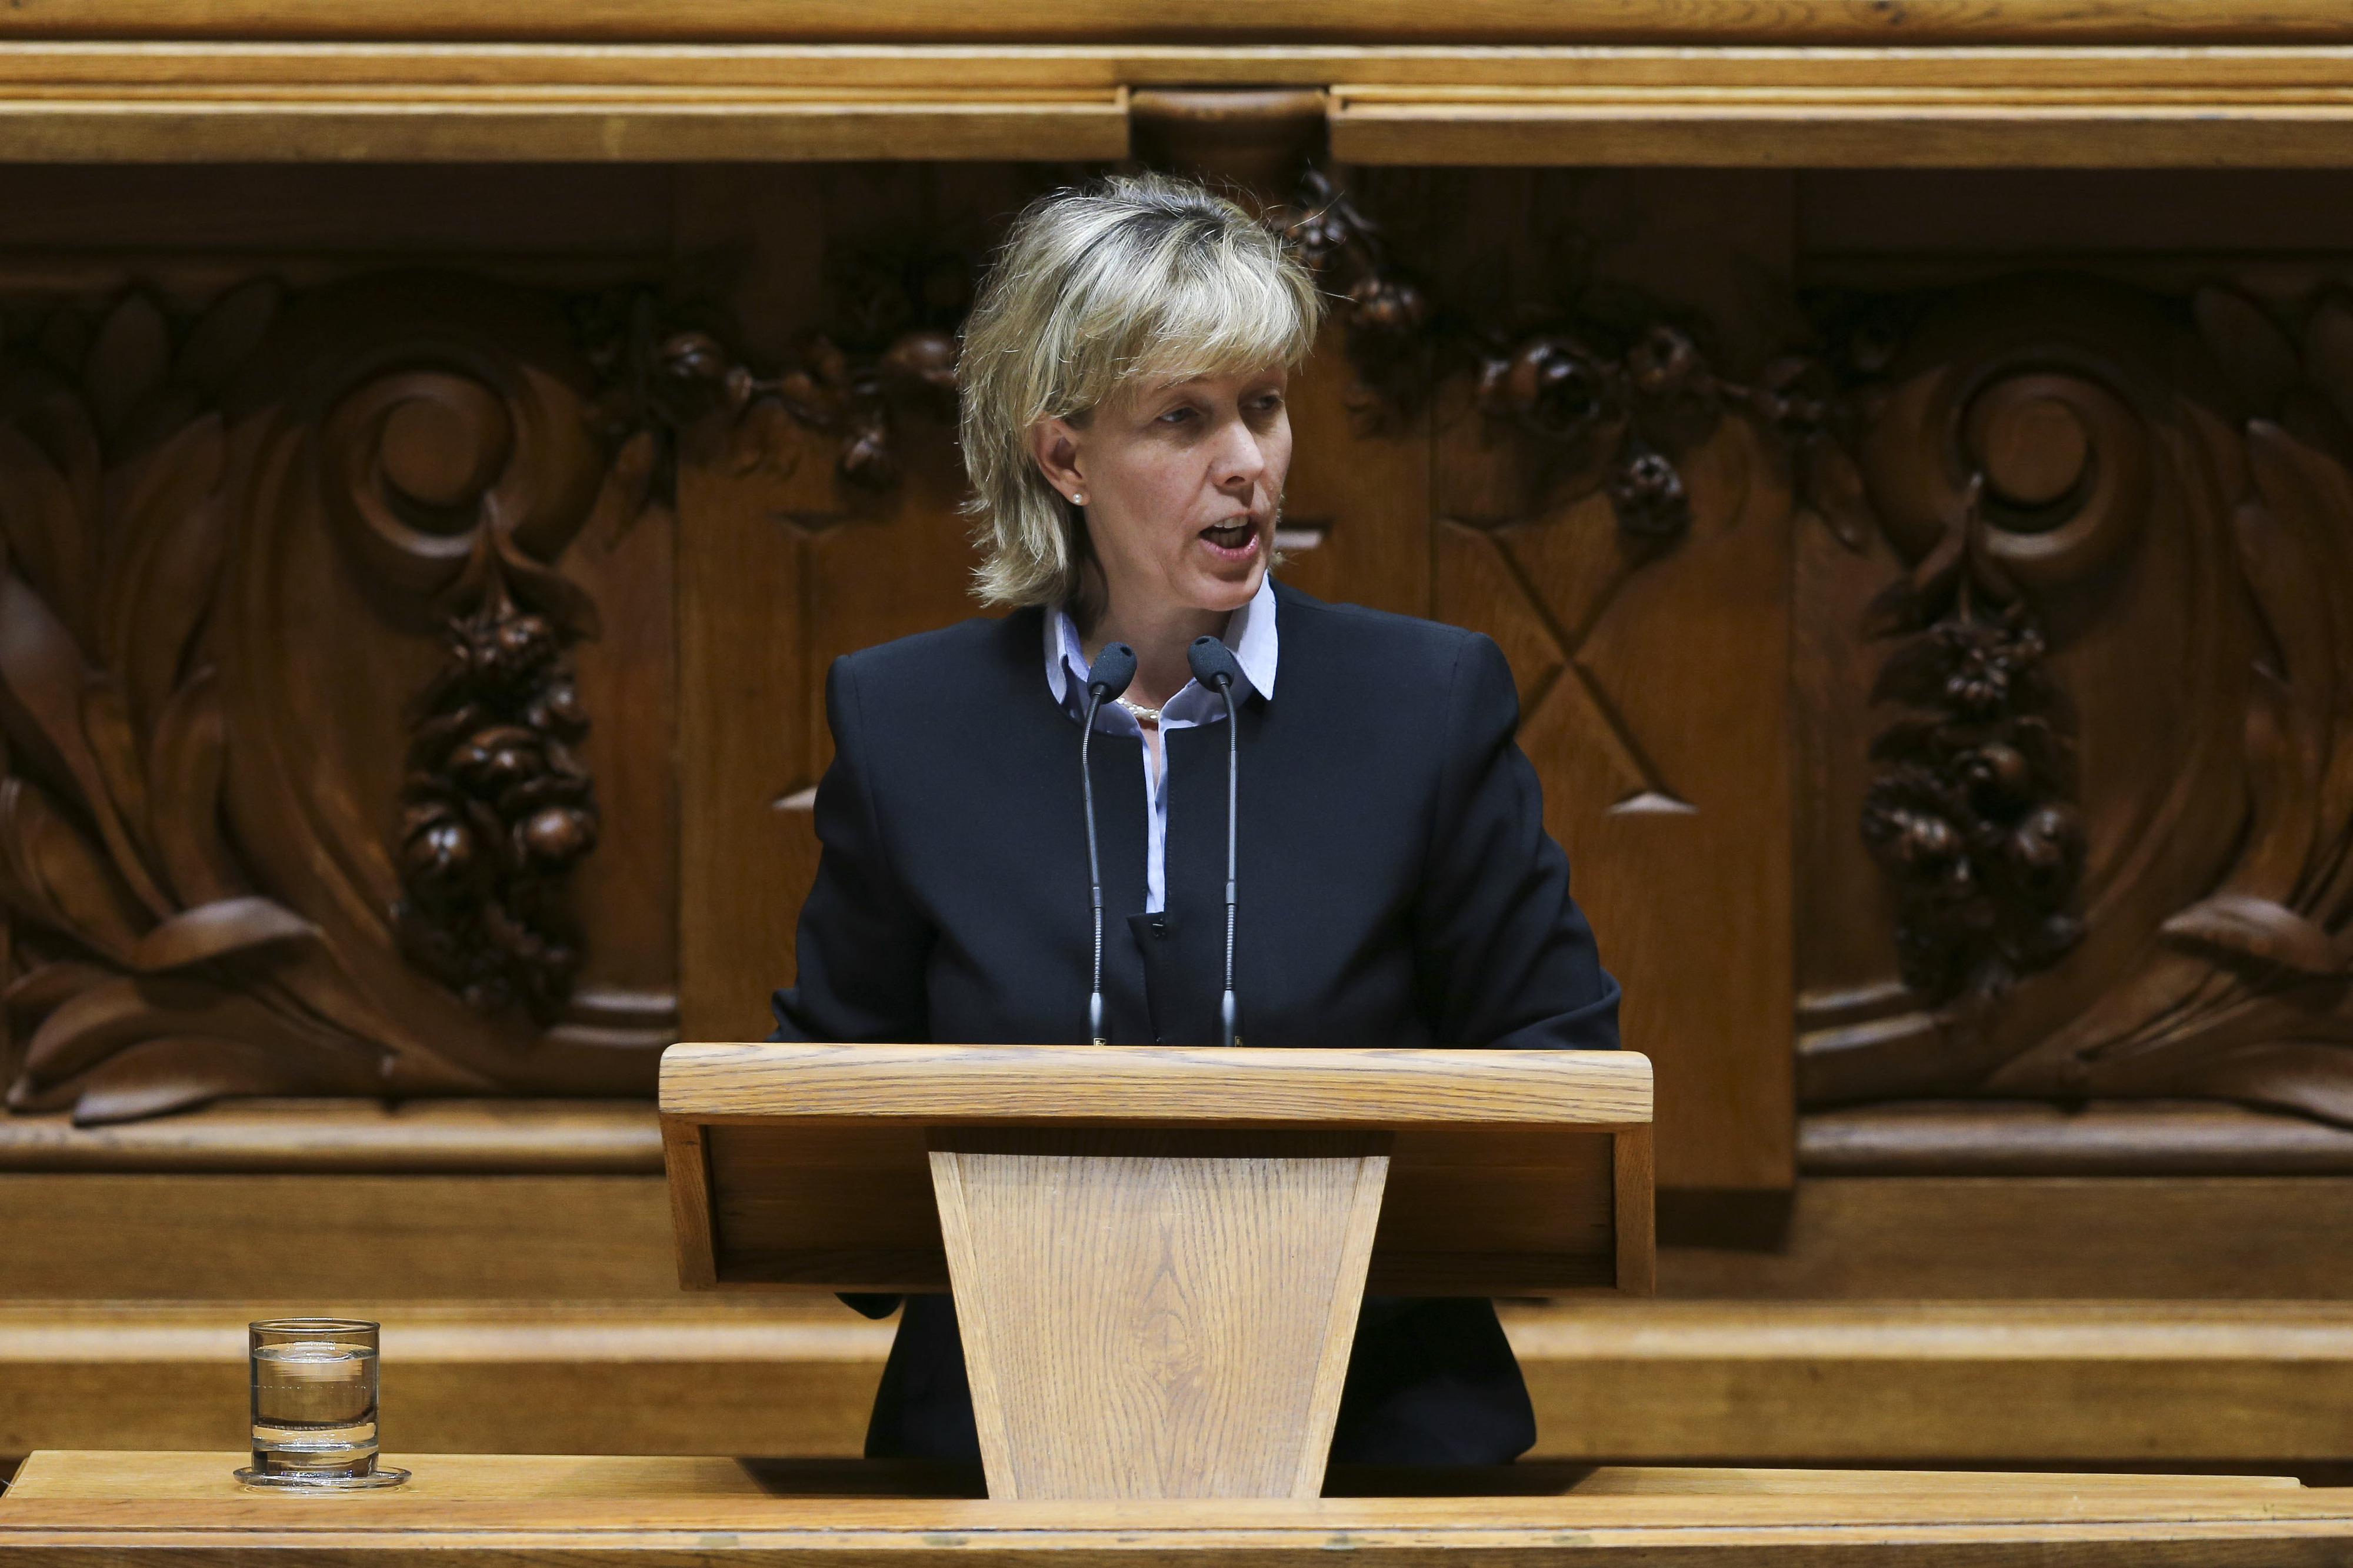 """Governo """"tem de esclarecer"""" onde estão cativações de 445 ME apresentadas a Bruxelas - PSD"""